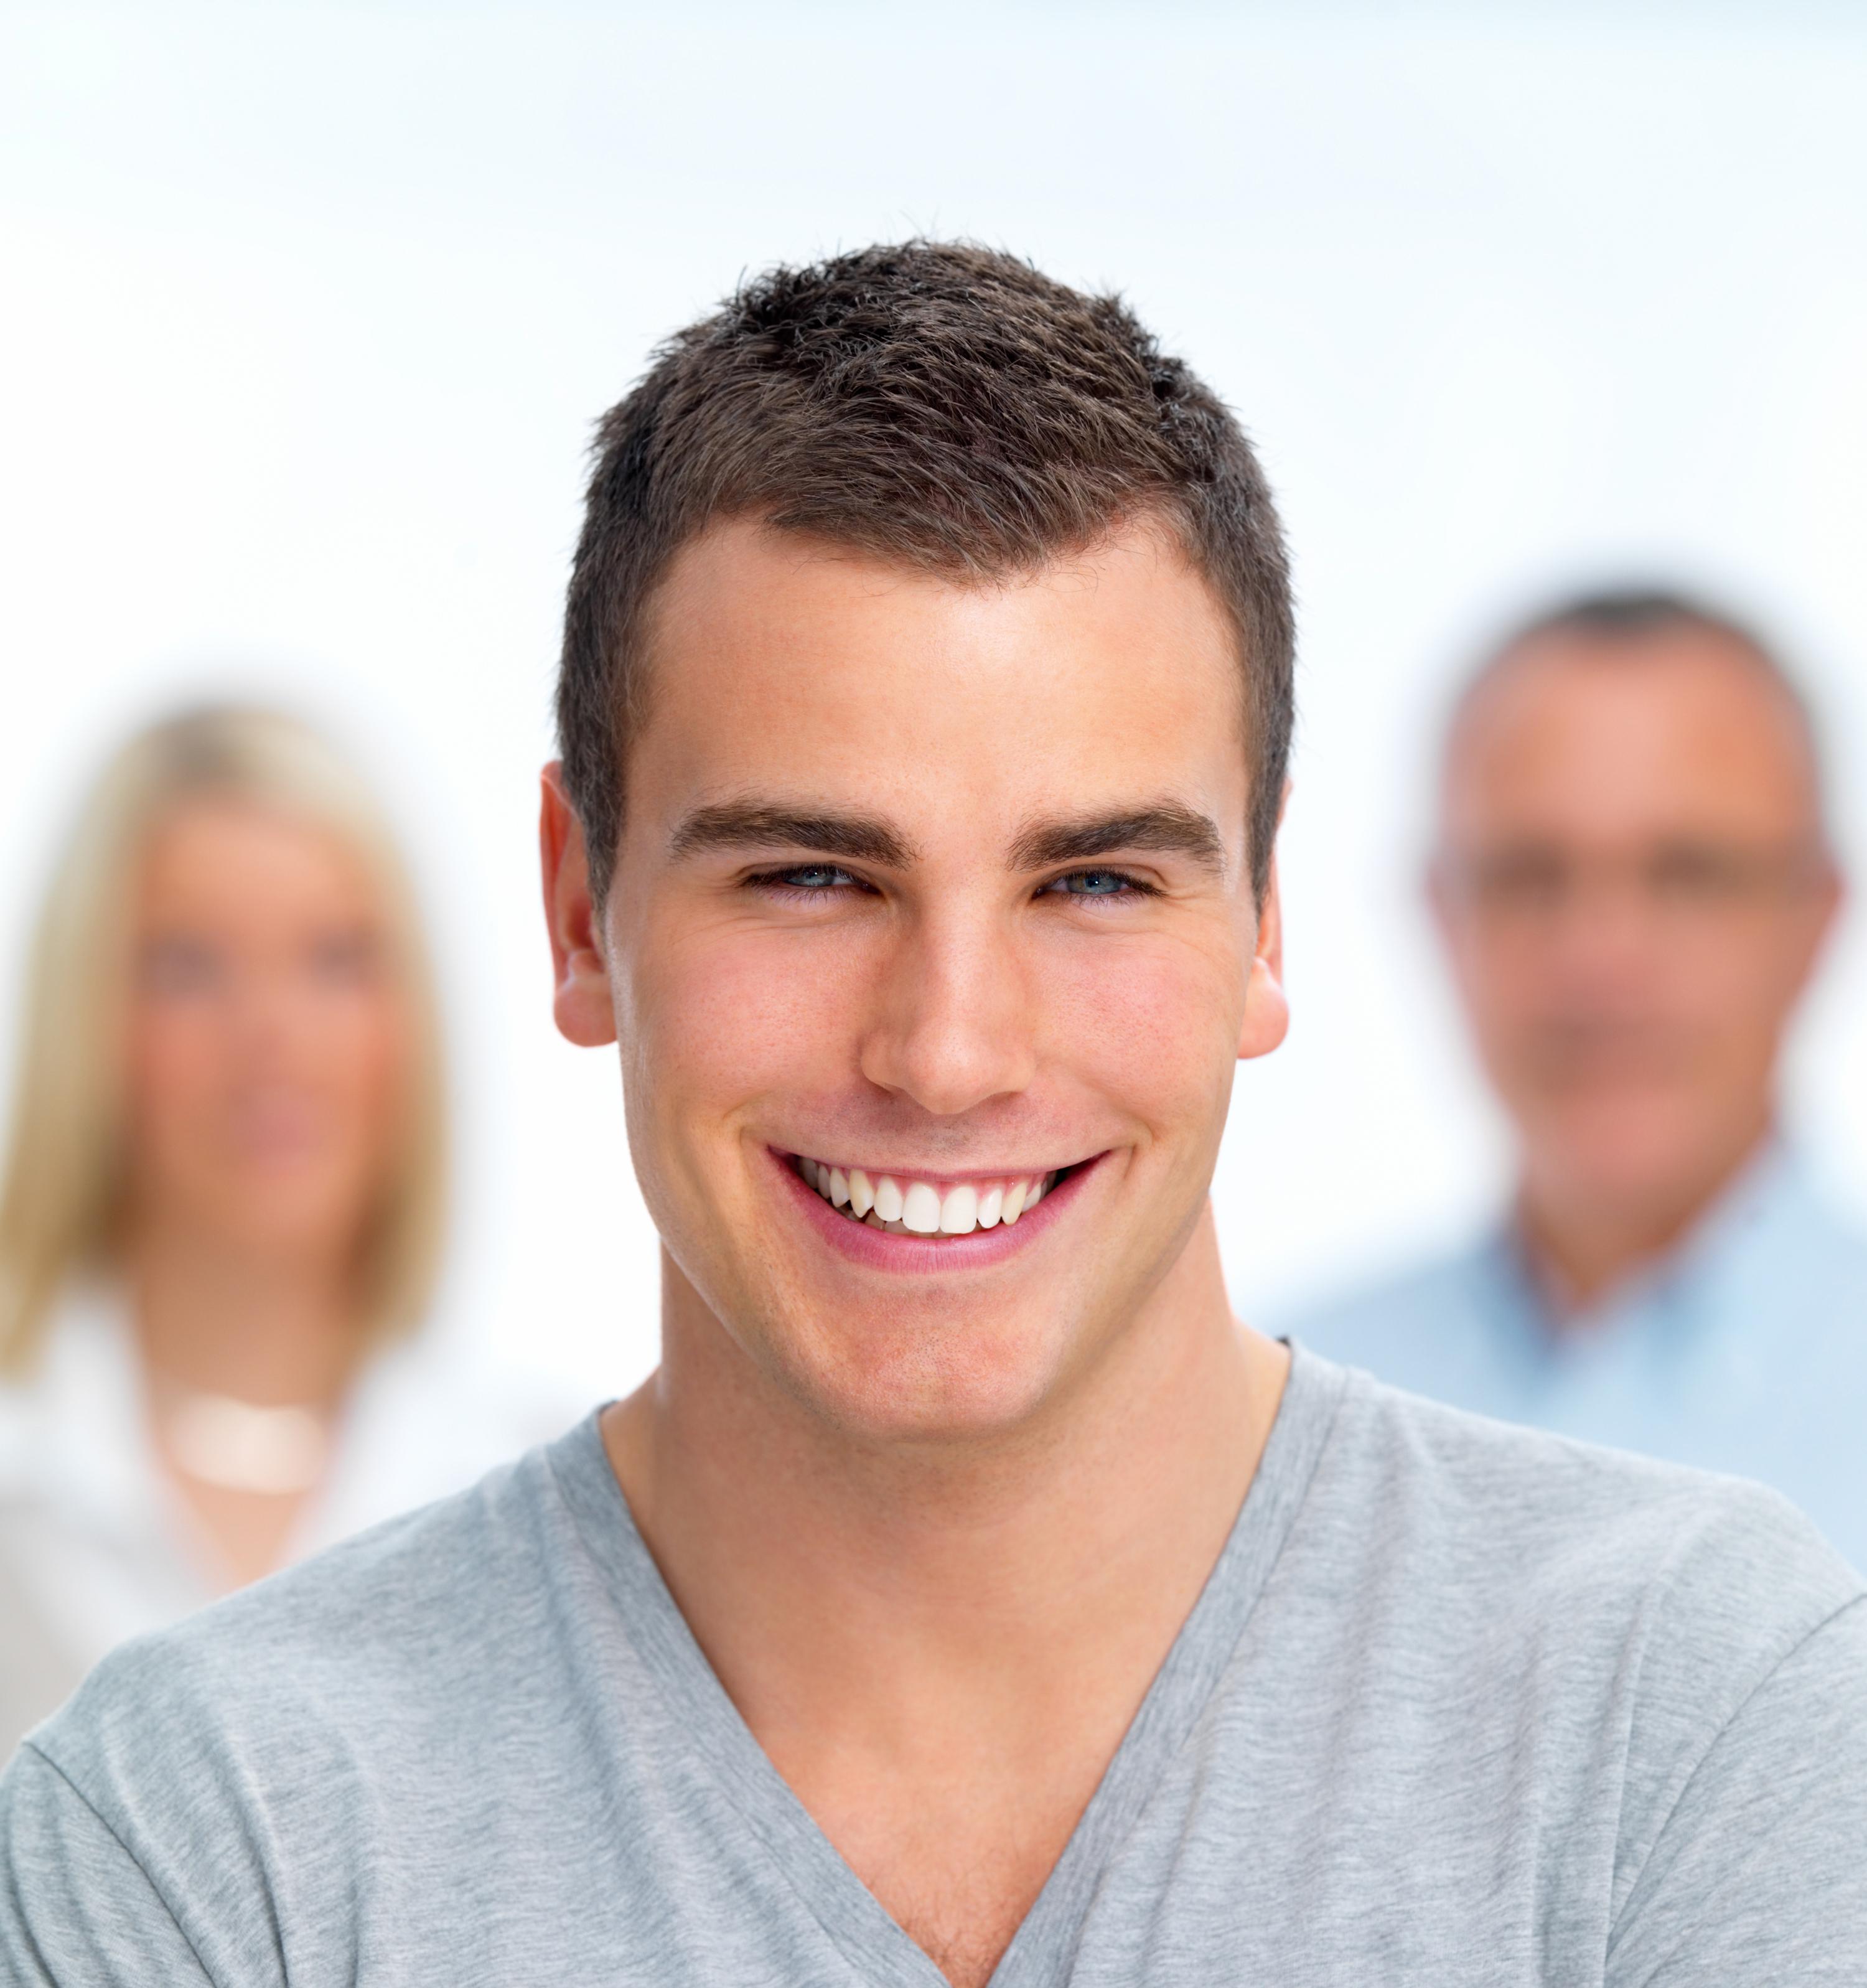 Фотки картинки красивых улыбающихся мужчин